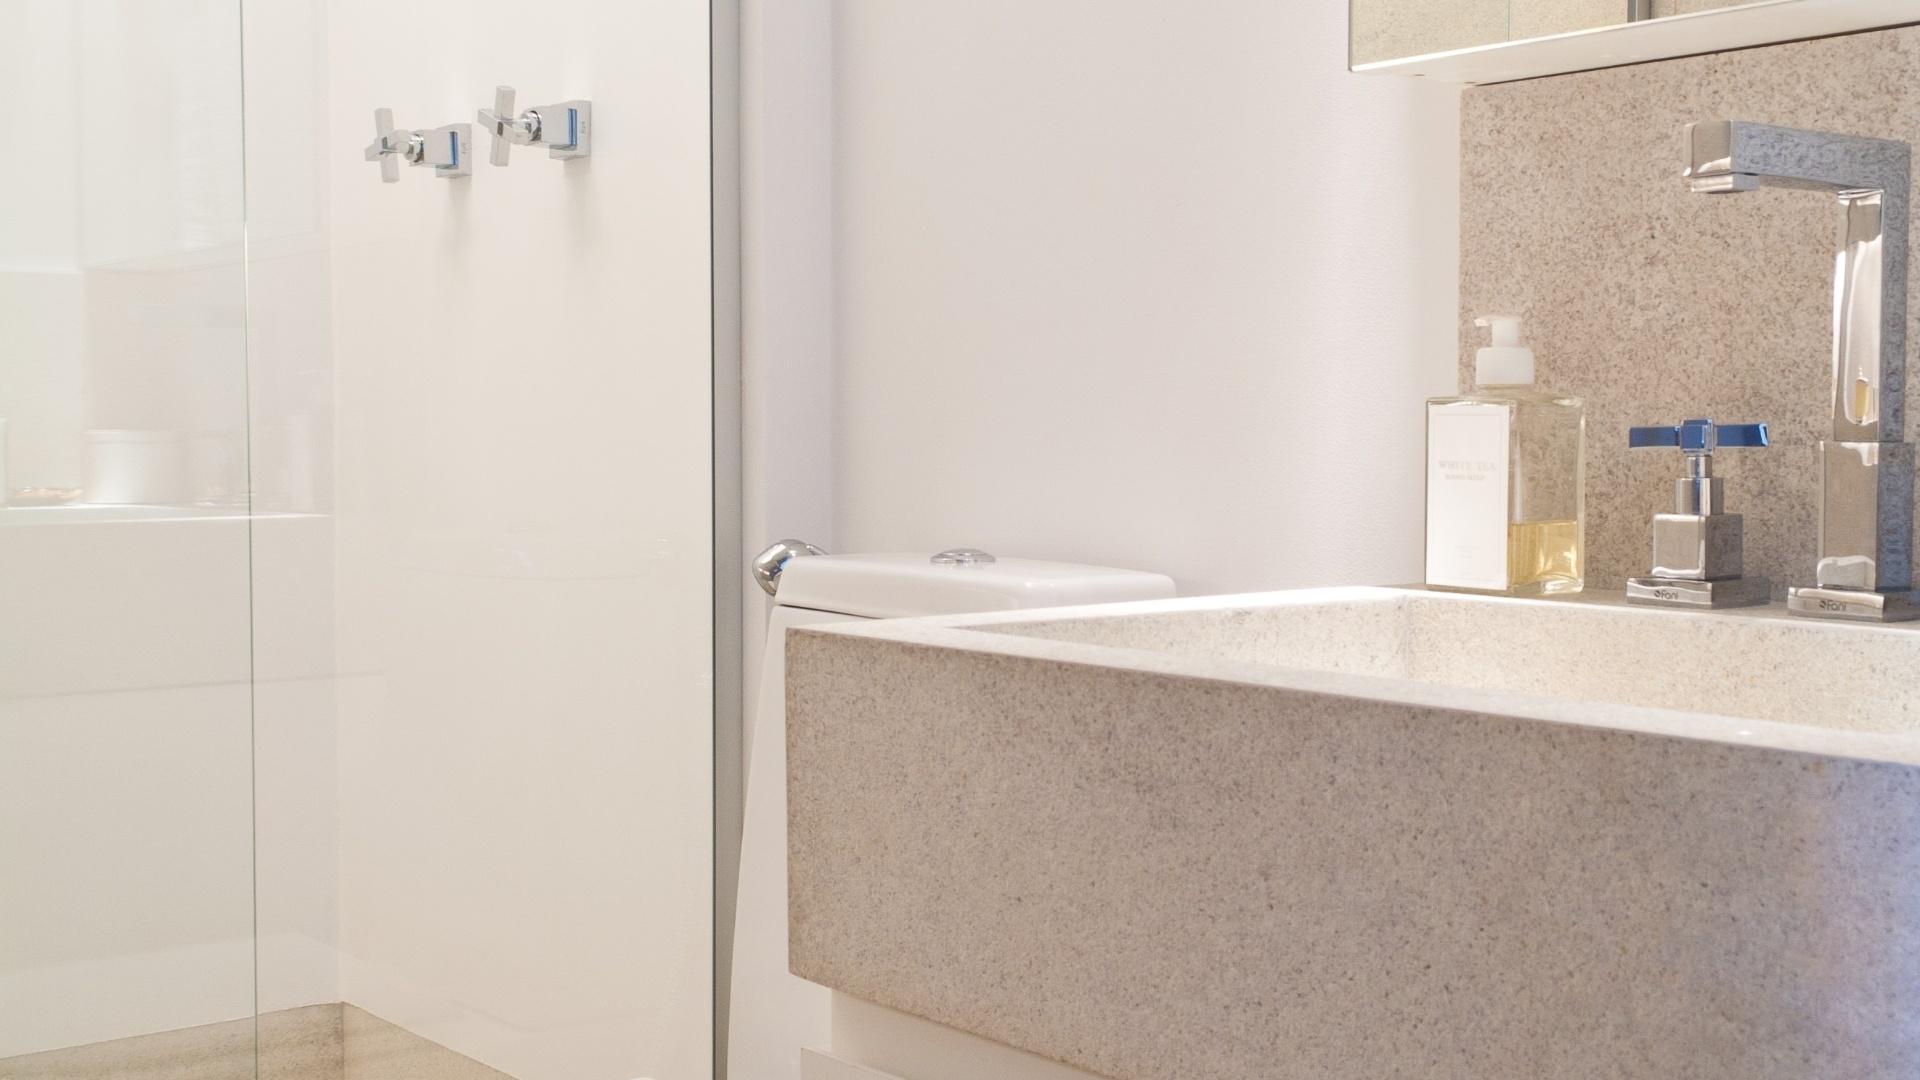 Banheiro Com 22 M Assinado Pela Designer De Interiores Giseli Pictures  #485C84 1920 1080